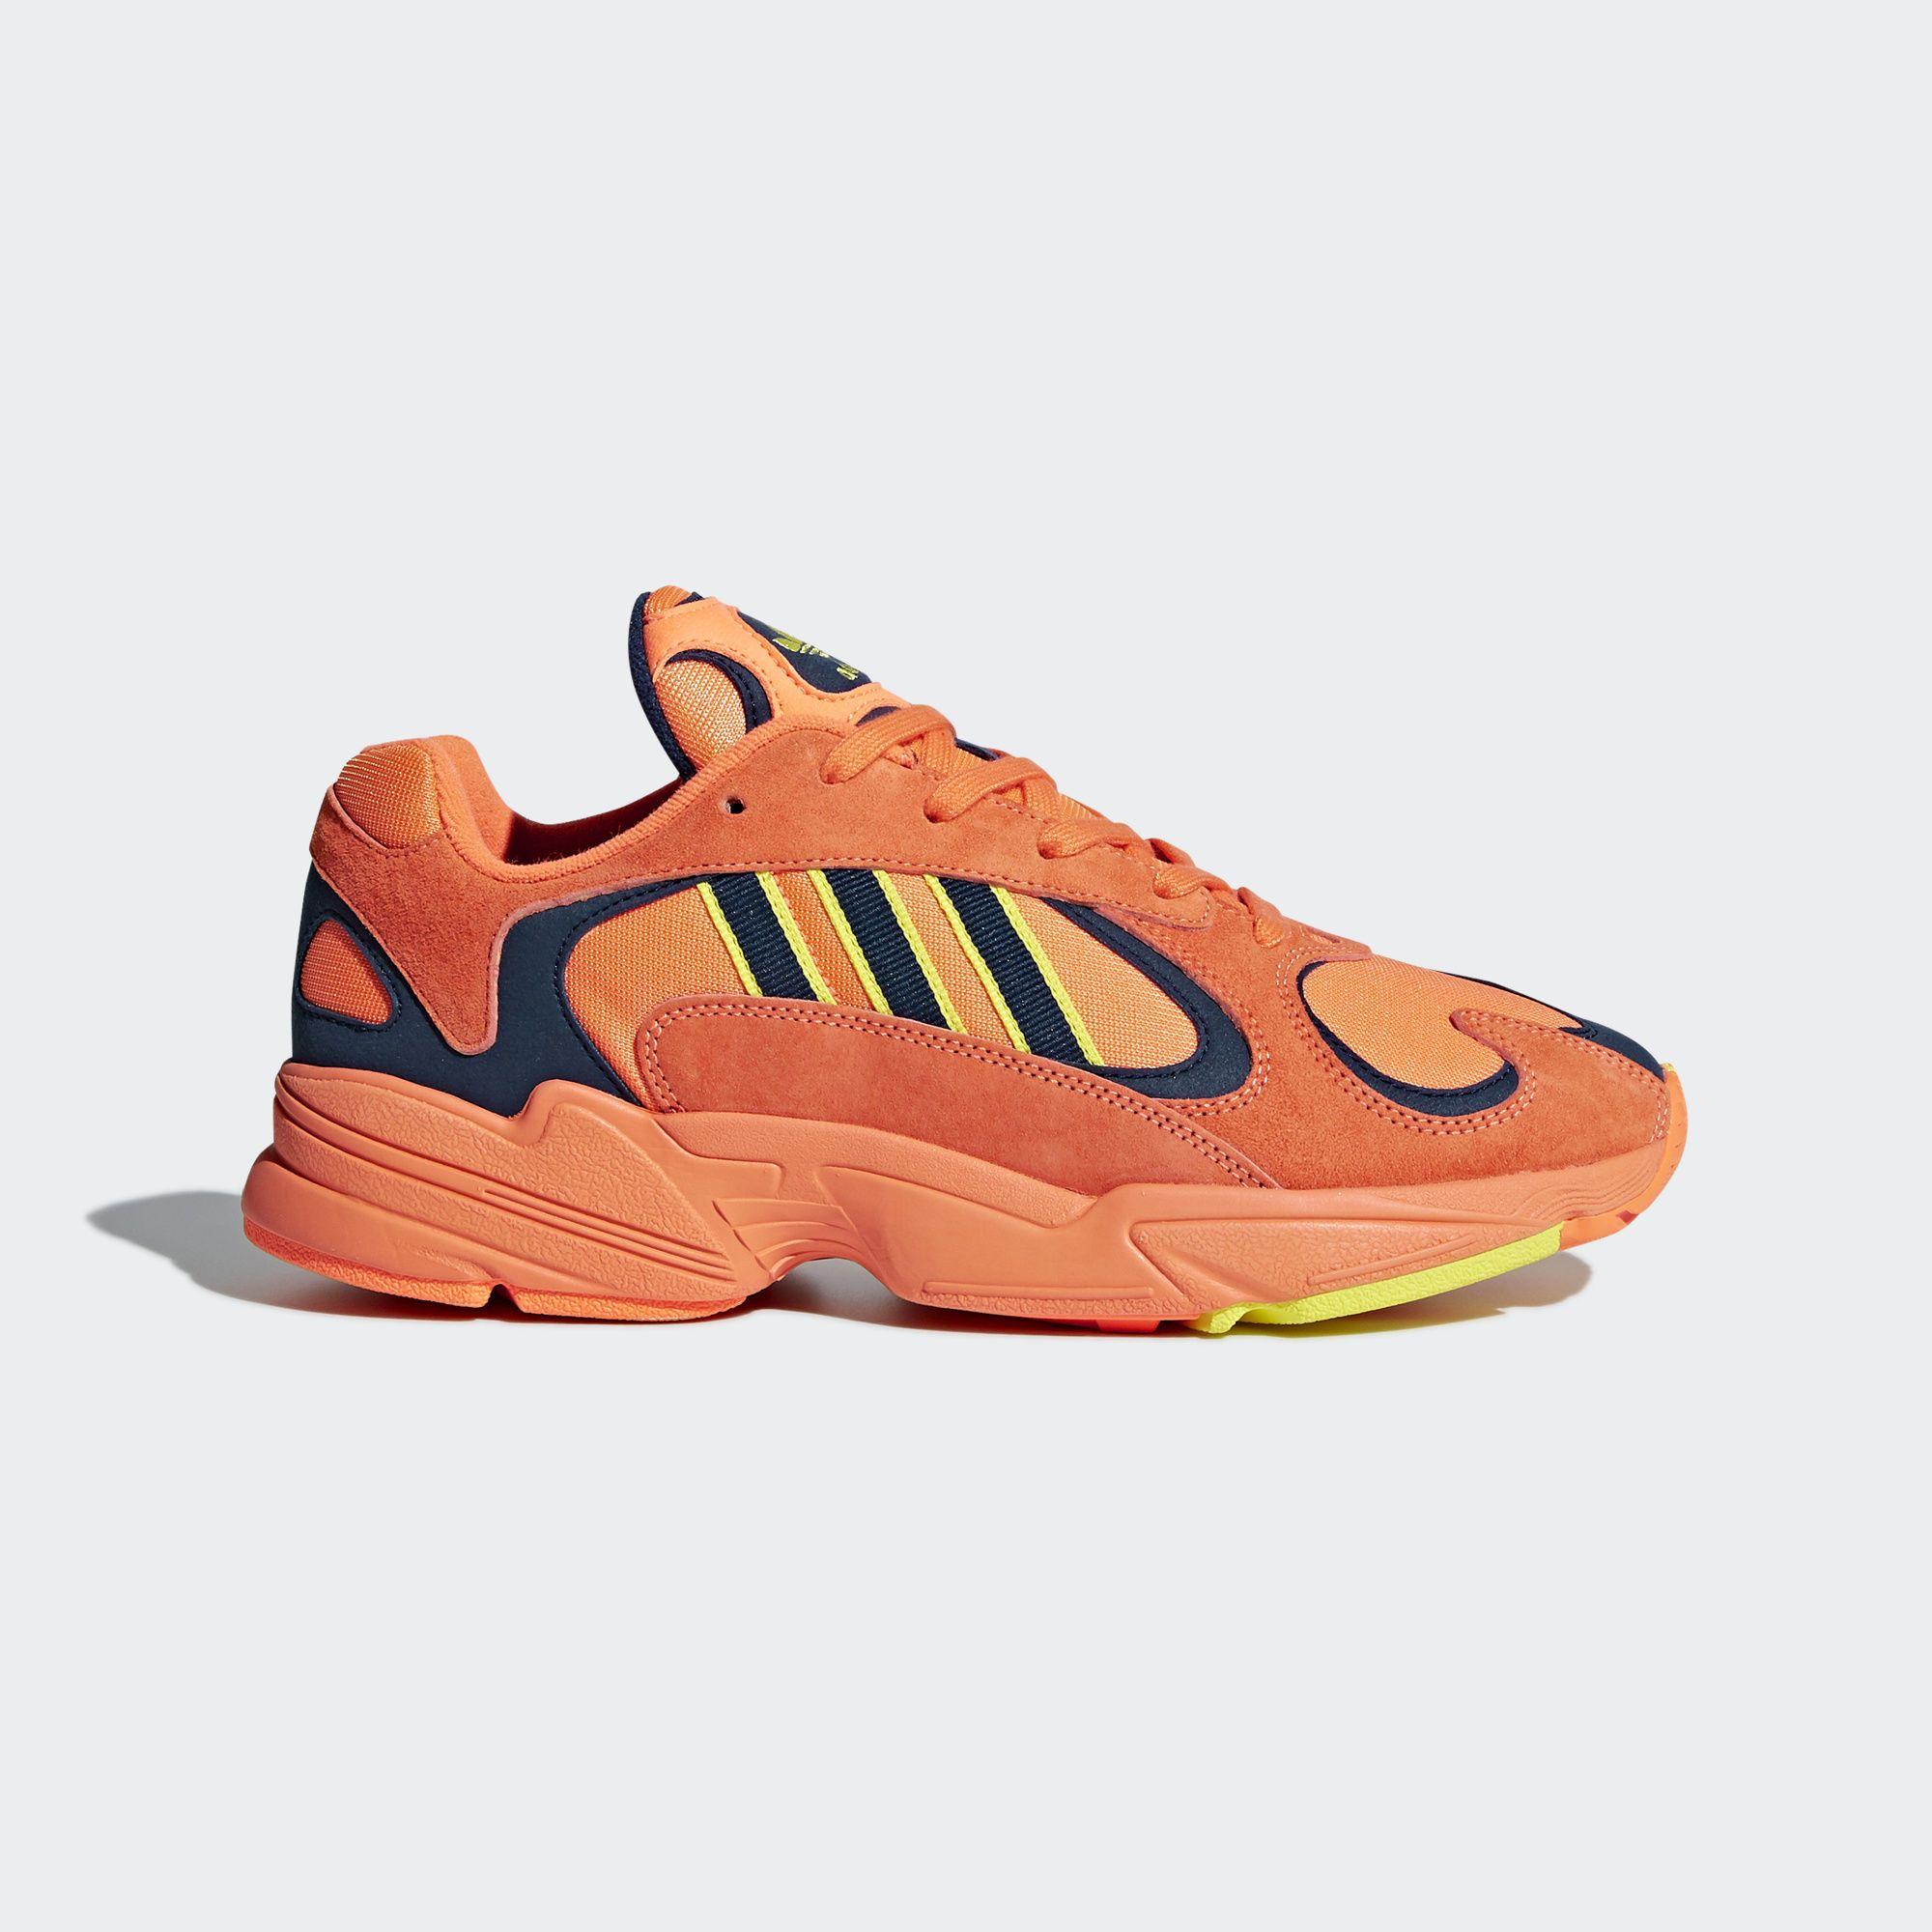 Adidas Yung 1 zapatos Pinterest adidas